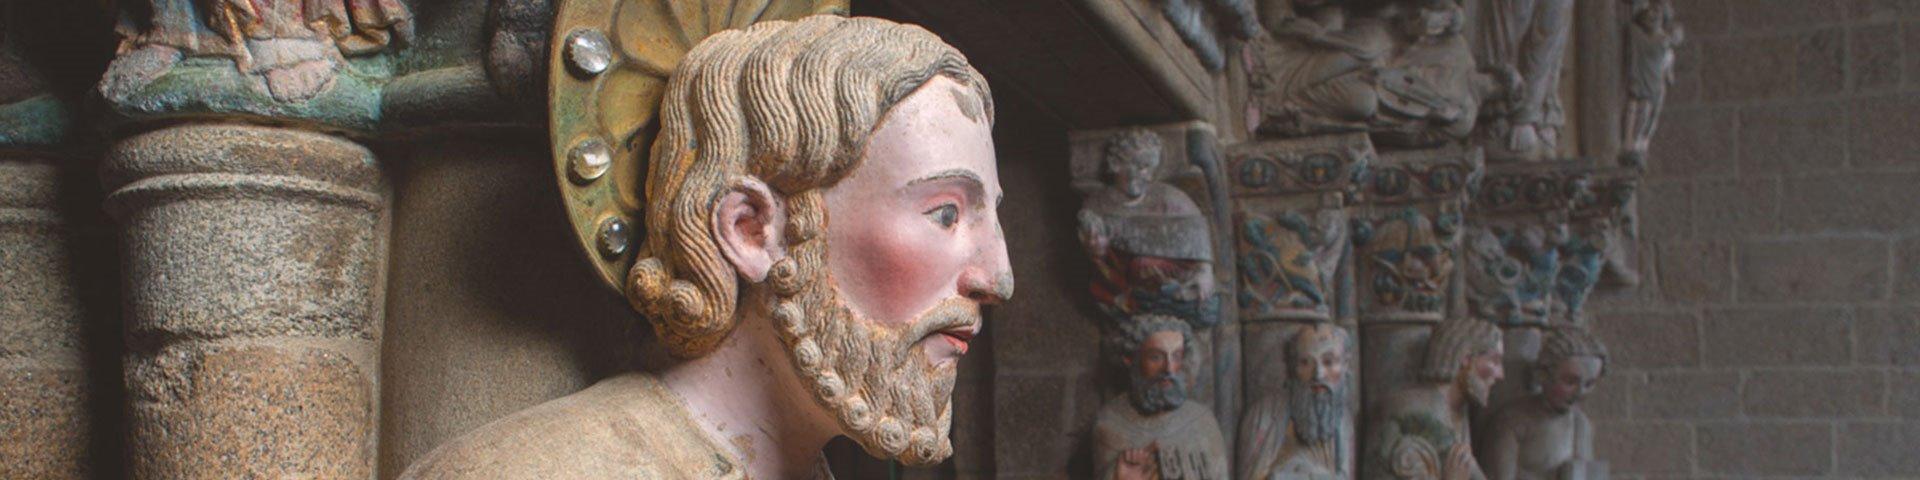 Los mitos del Apóstol Santiago